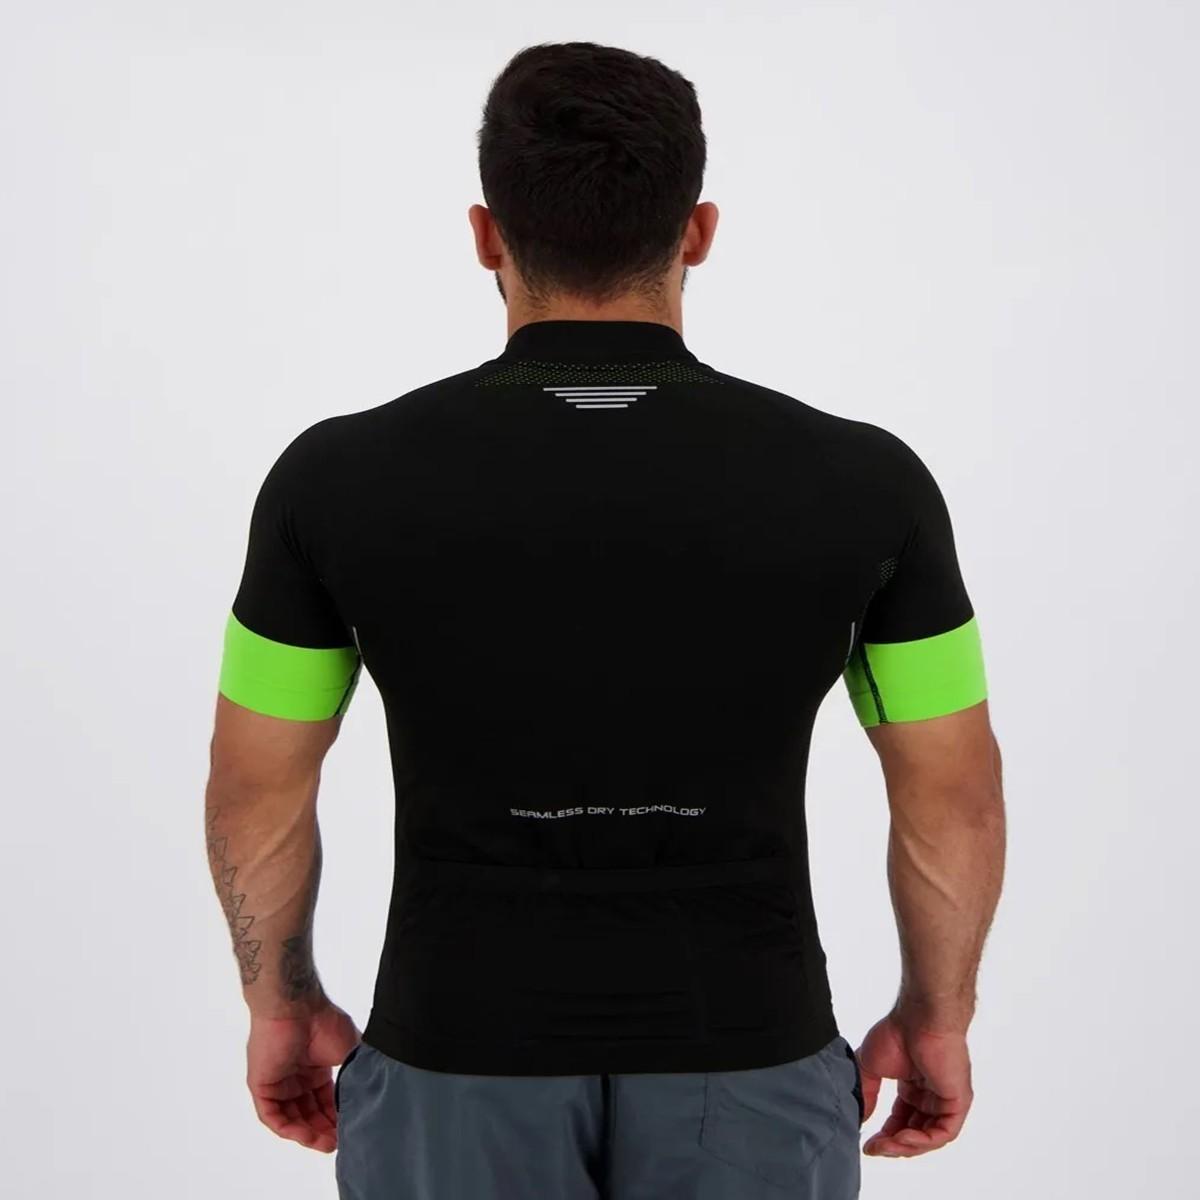 Camiseta ciclimo masculina bolso nas costas com 3 partes